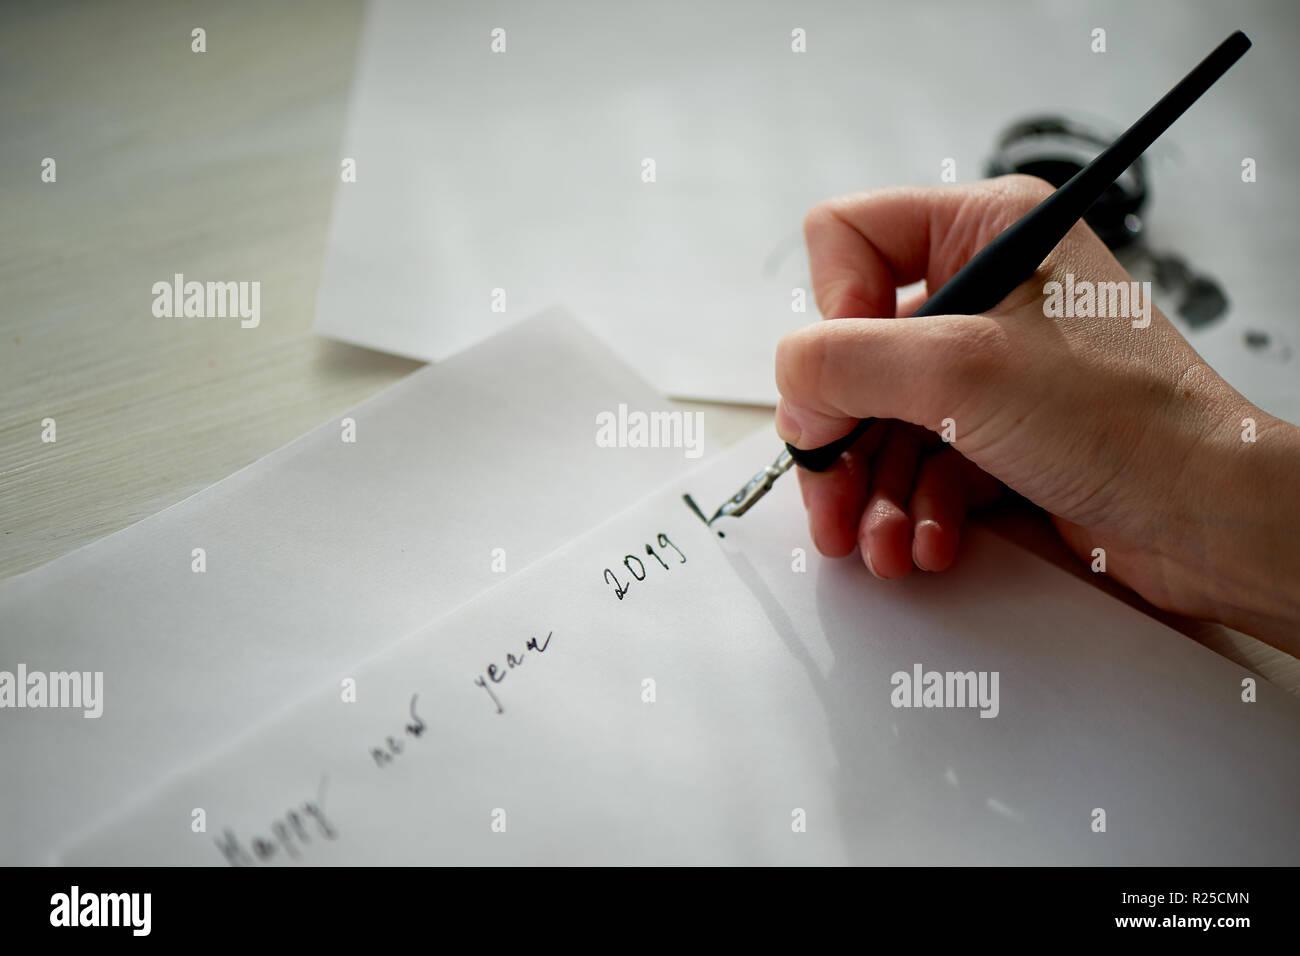 Die Hand einer Frau schreibt mit Tinte, einen Füllfederhalter. Schreiben. Der kreative Prozess der Erstellung einer Arbeit. Phrase neues Jahr 2019. Merkzettel und Pläne Stockbild